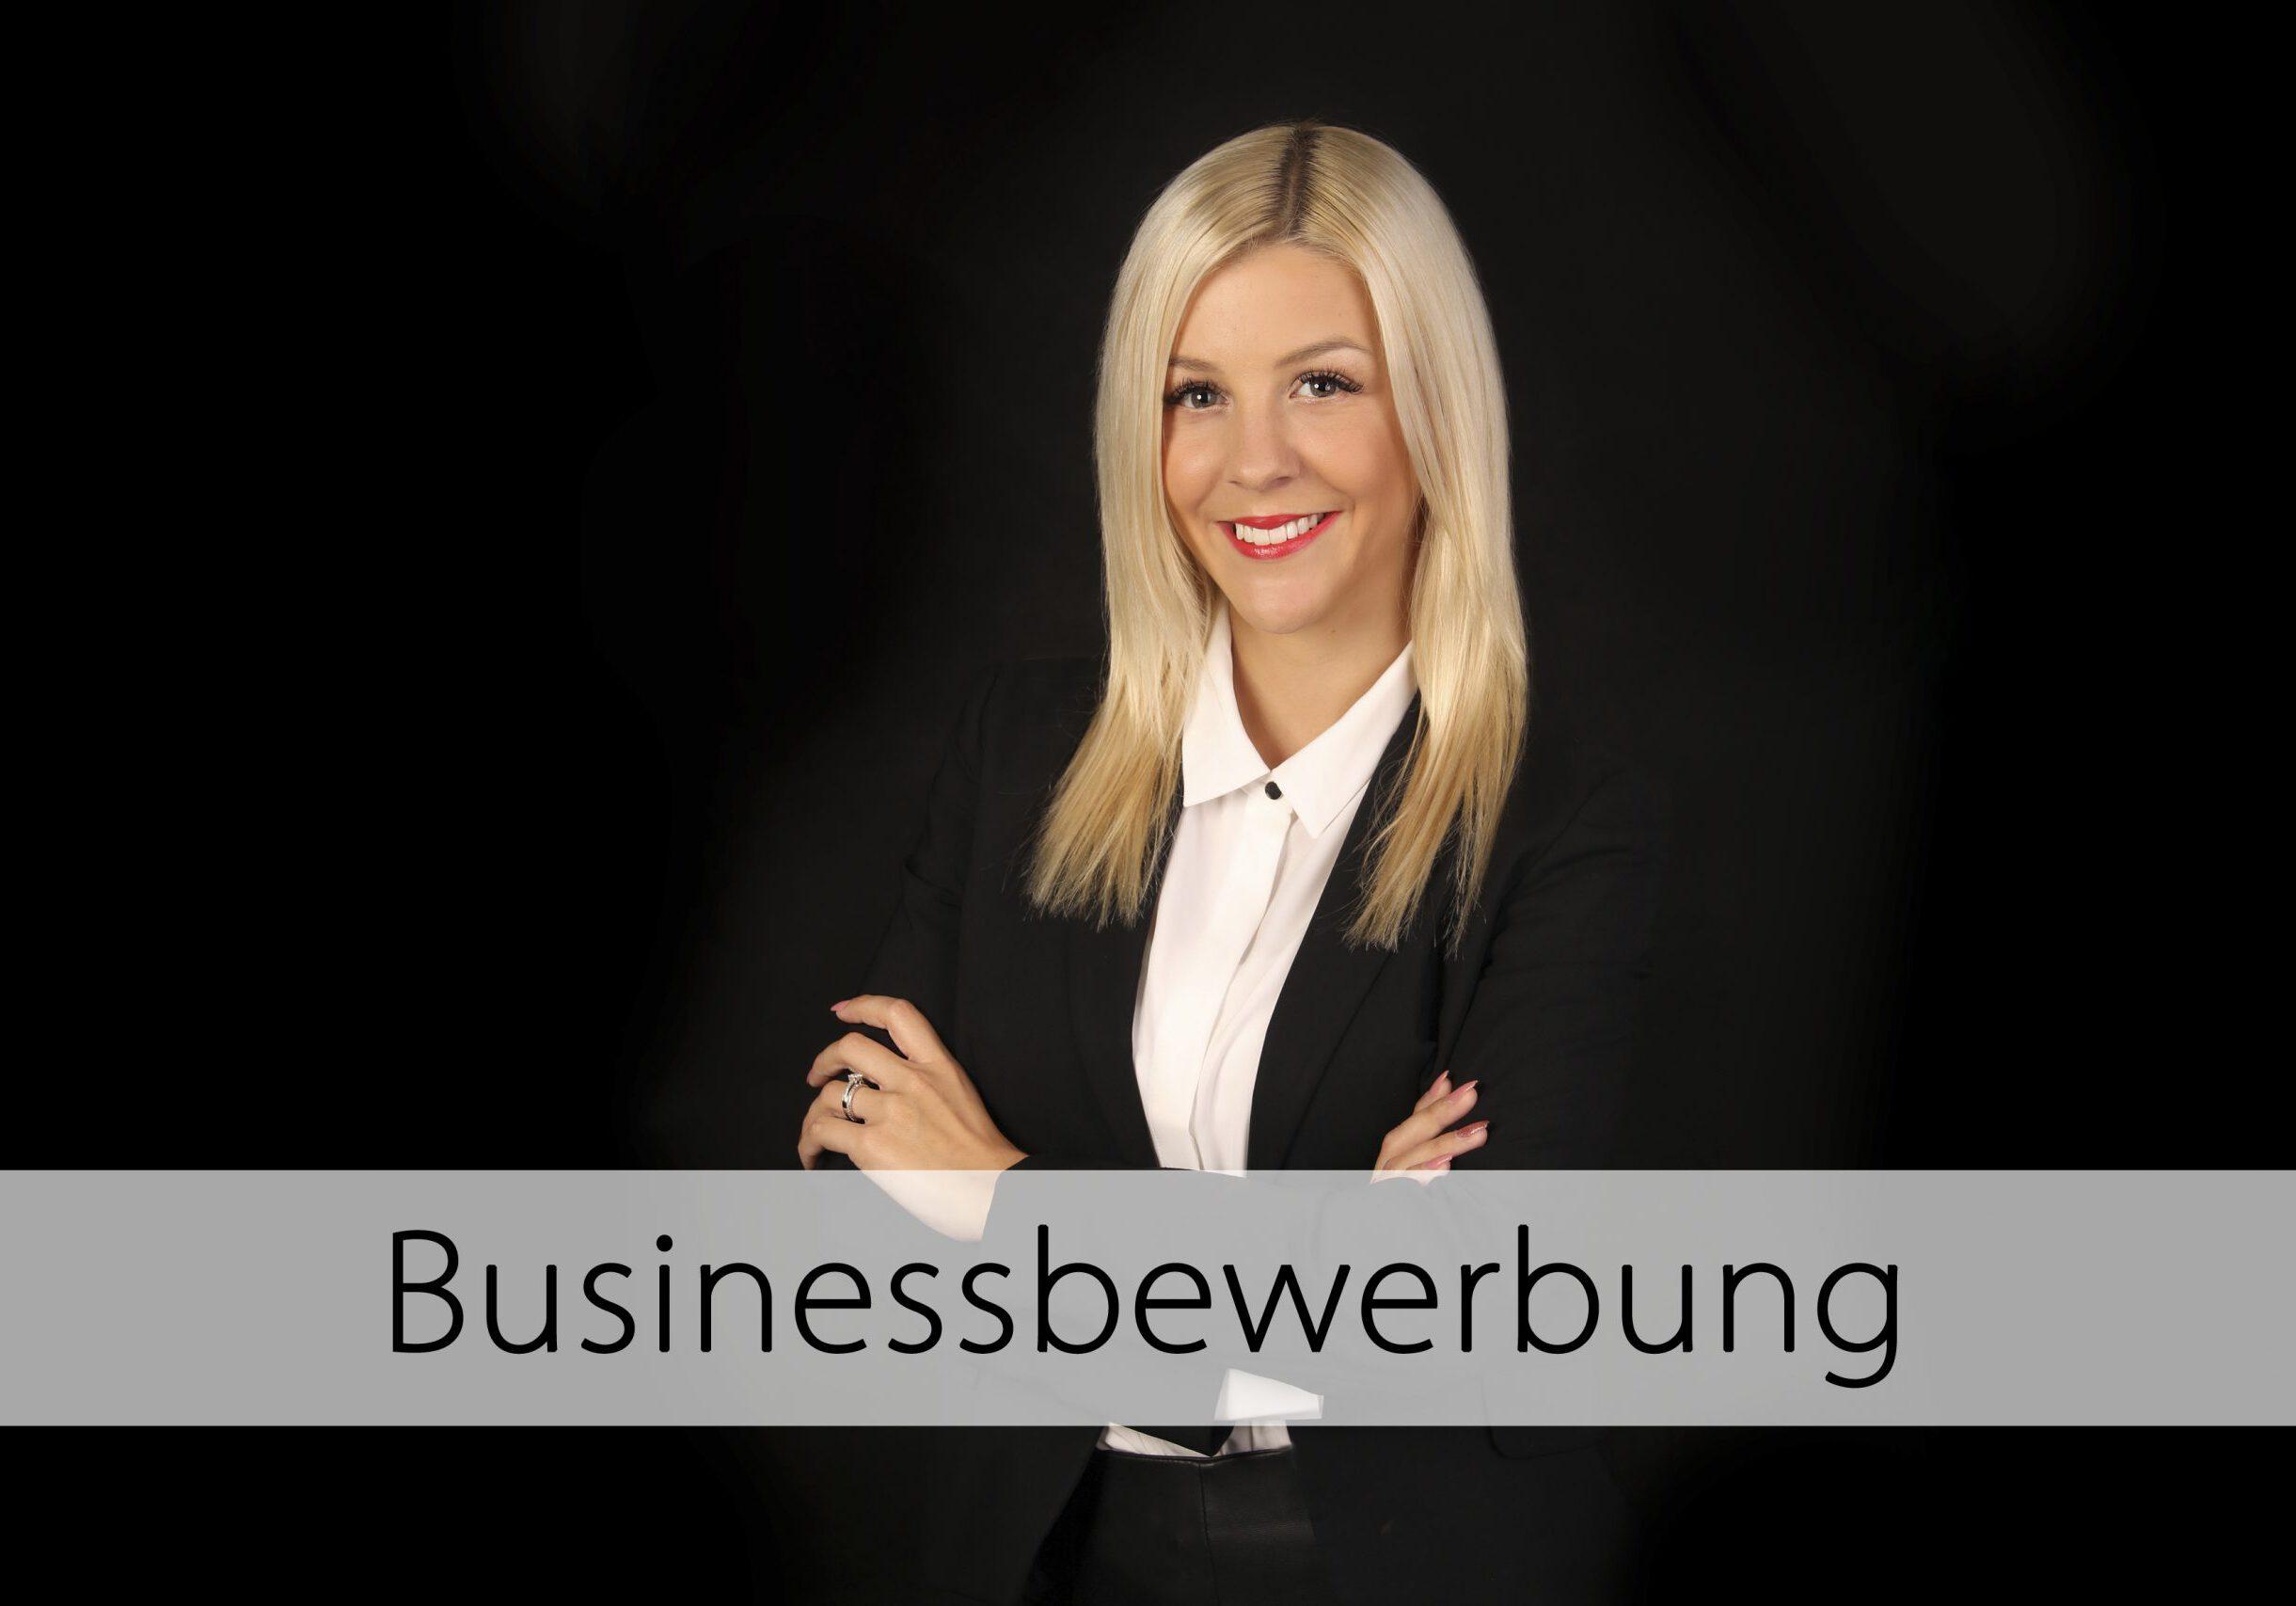 Businessbewerbung